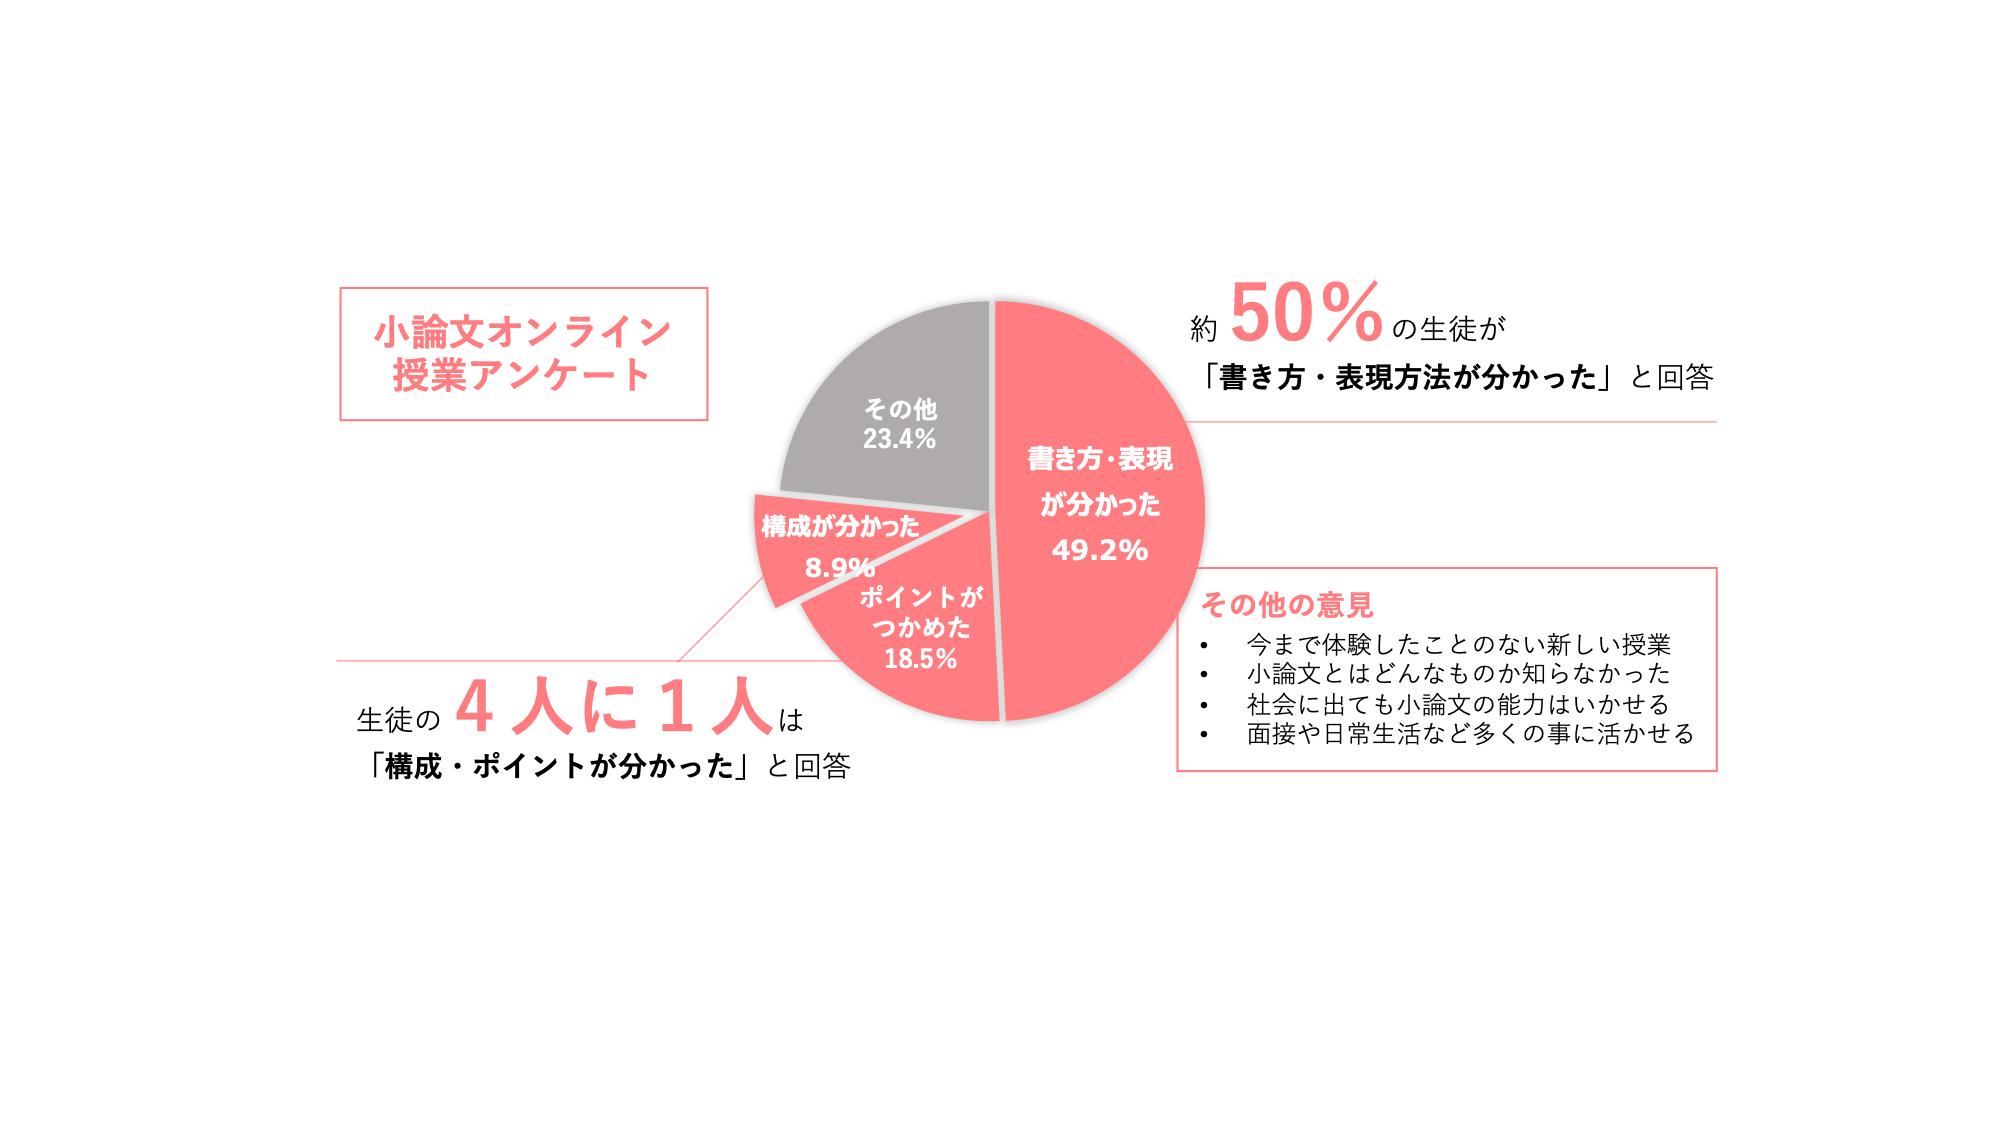 小論文オンライン授業アンケート